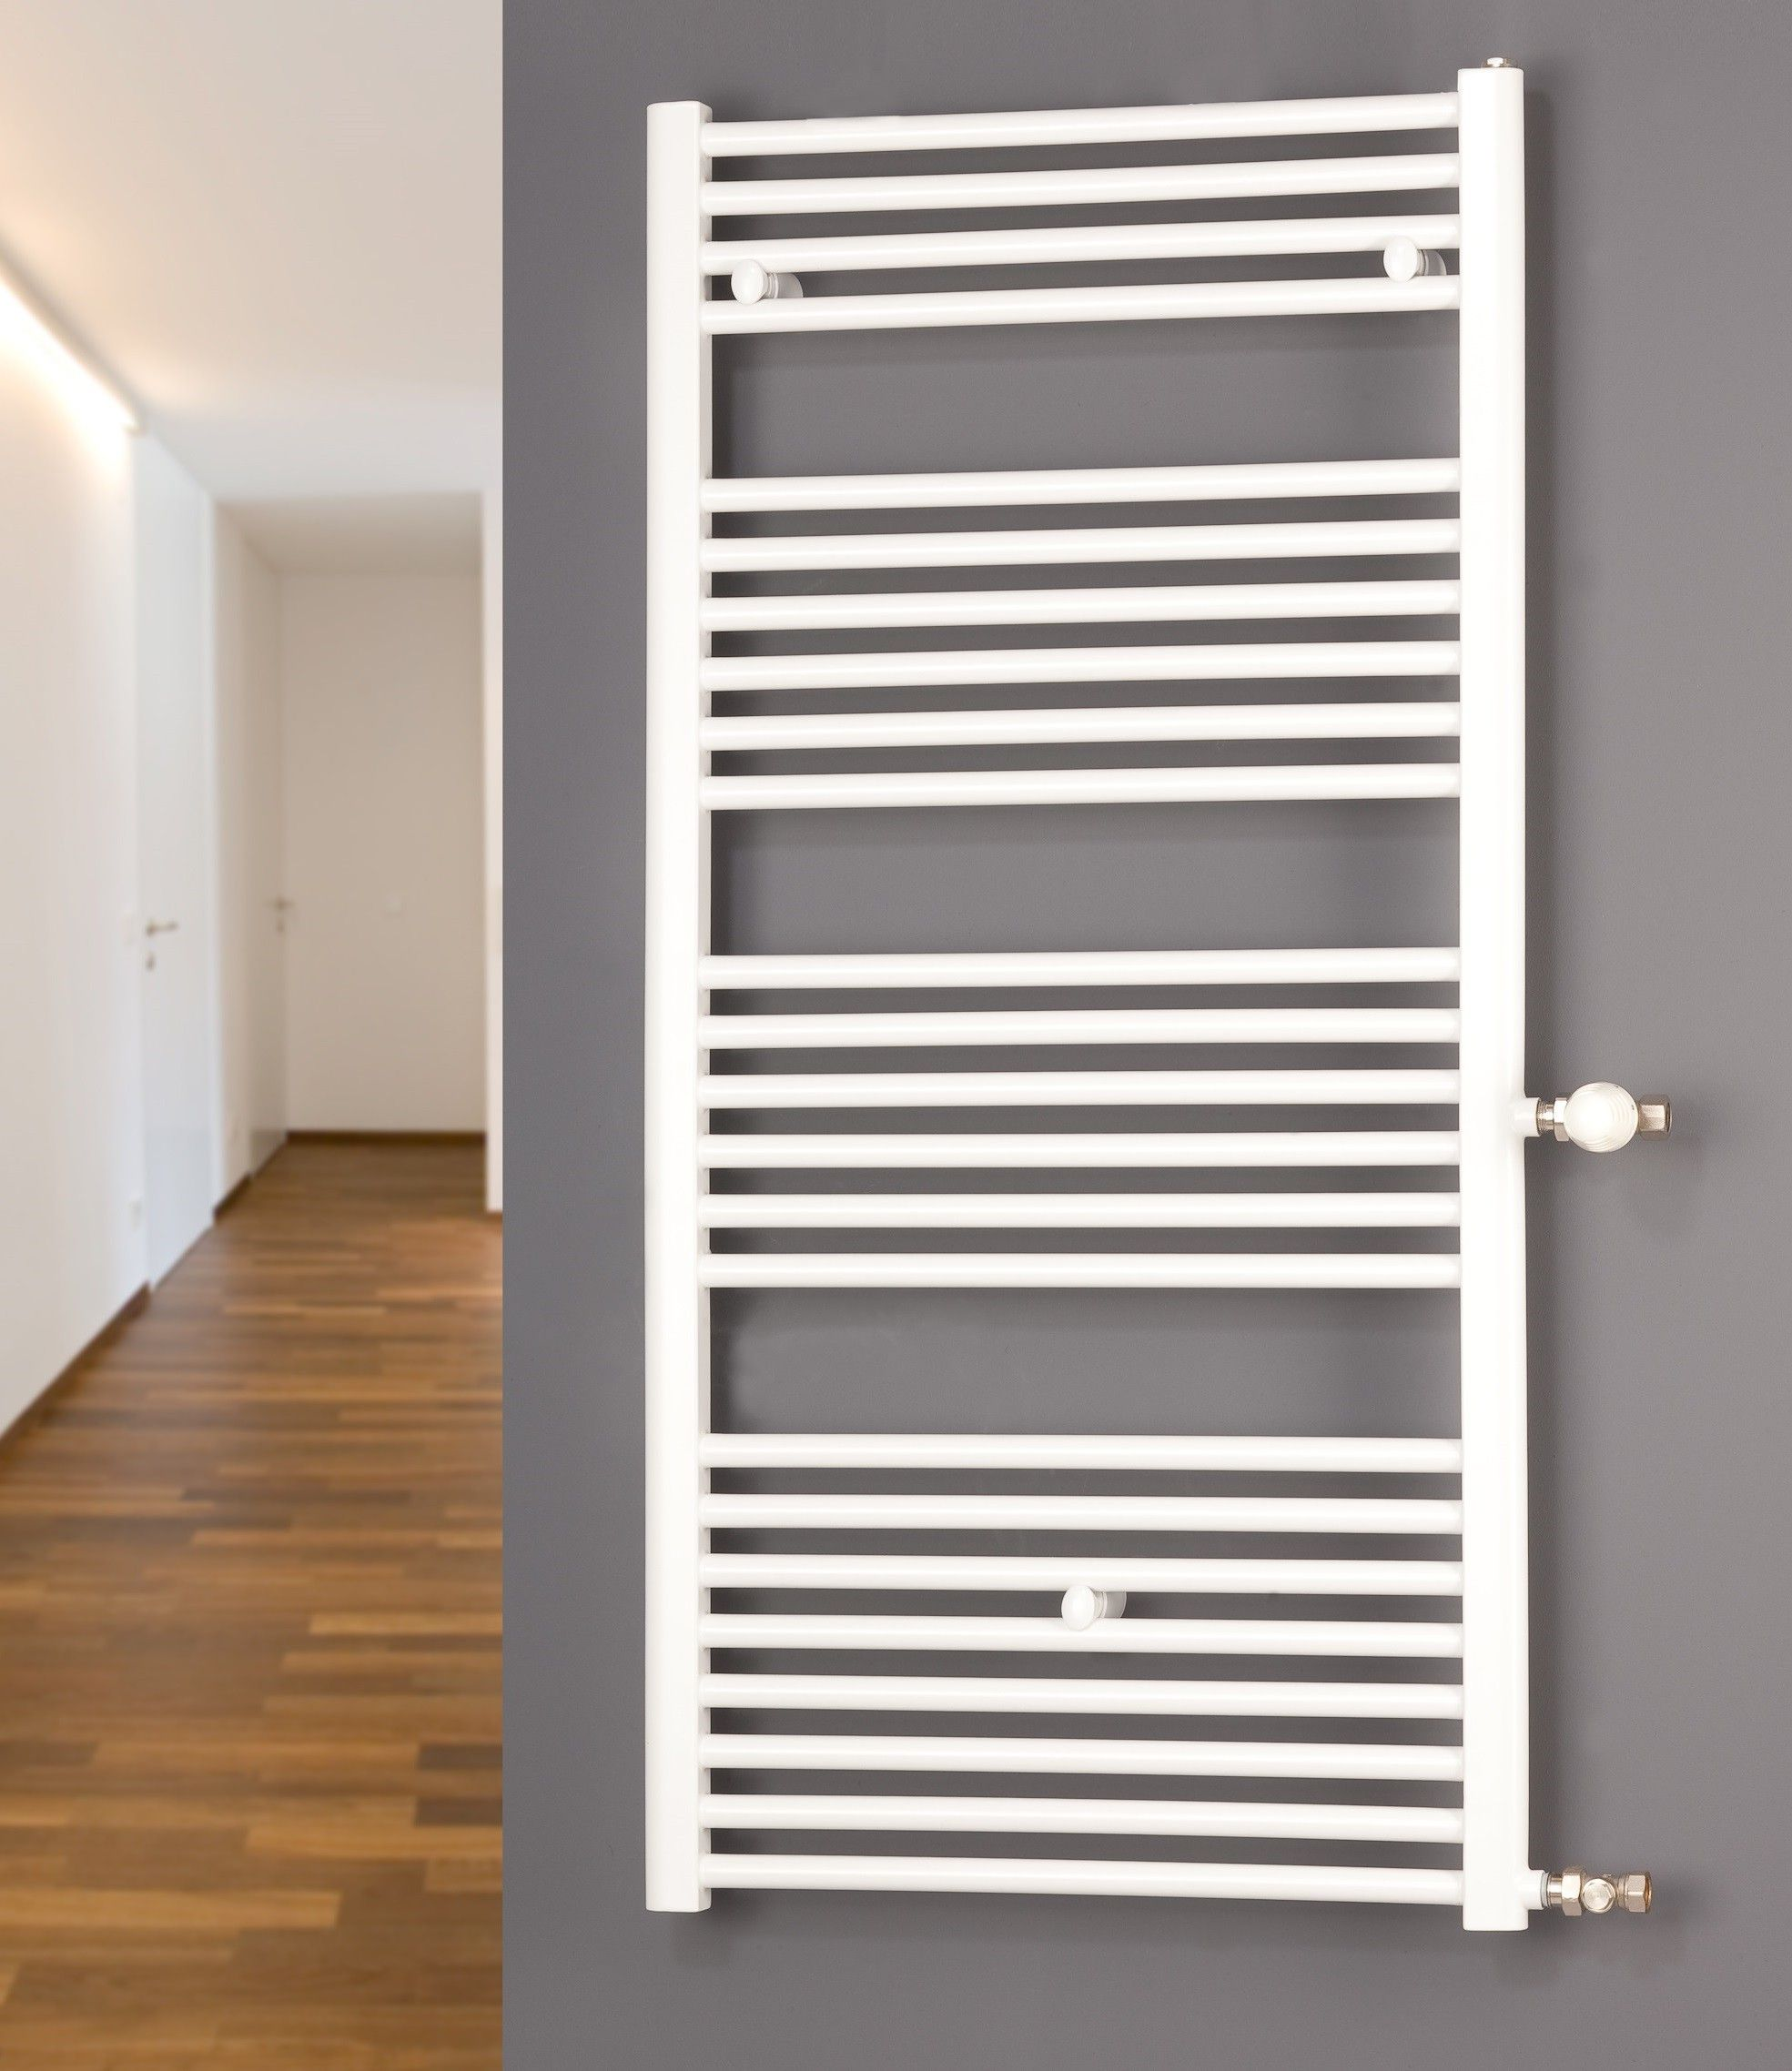 die besten 25 elektroheizung ideen auf pinterest strom heizung heizungstechnik und. Black Bedroom Furniture Sets. Home Design Ideas